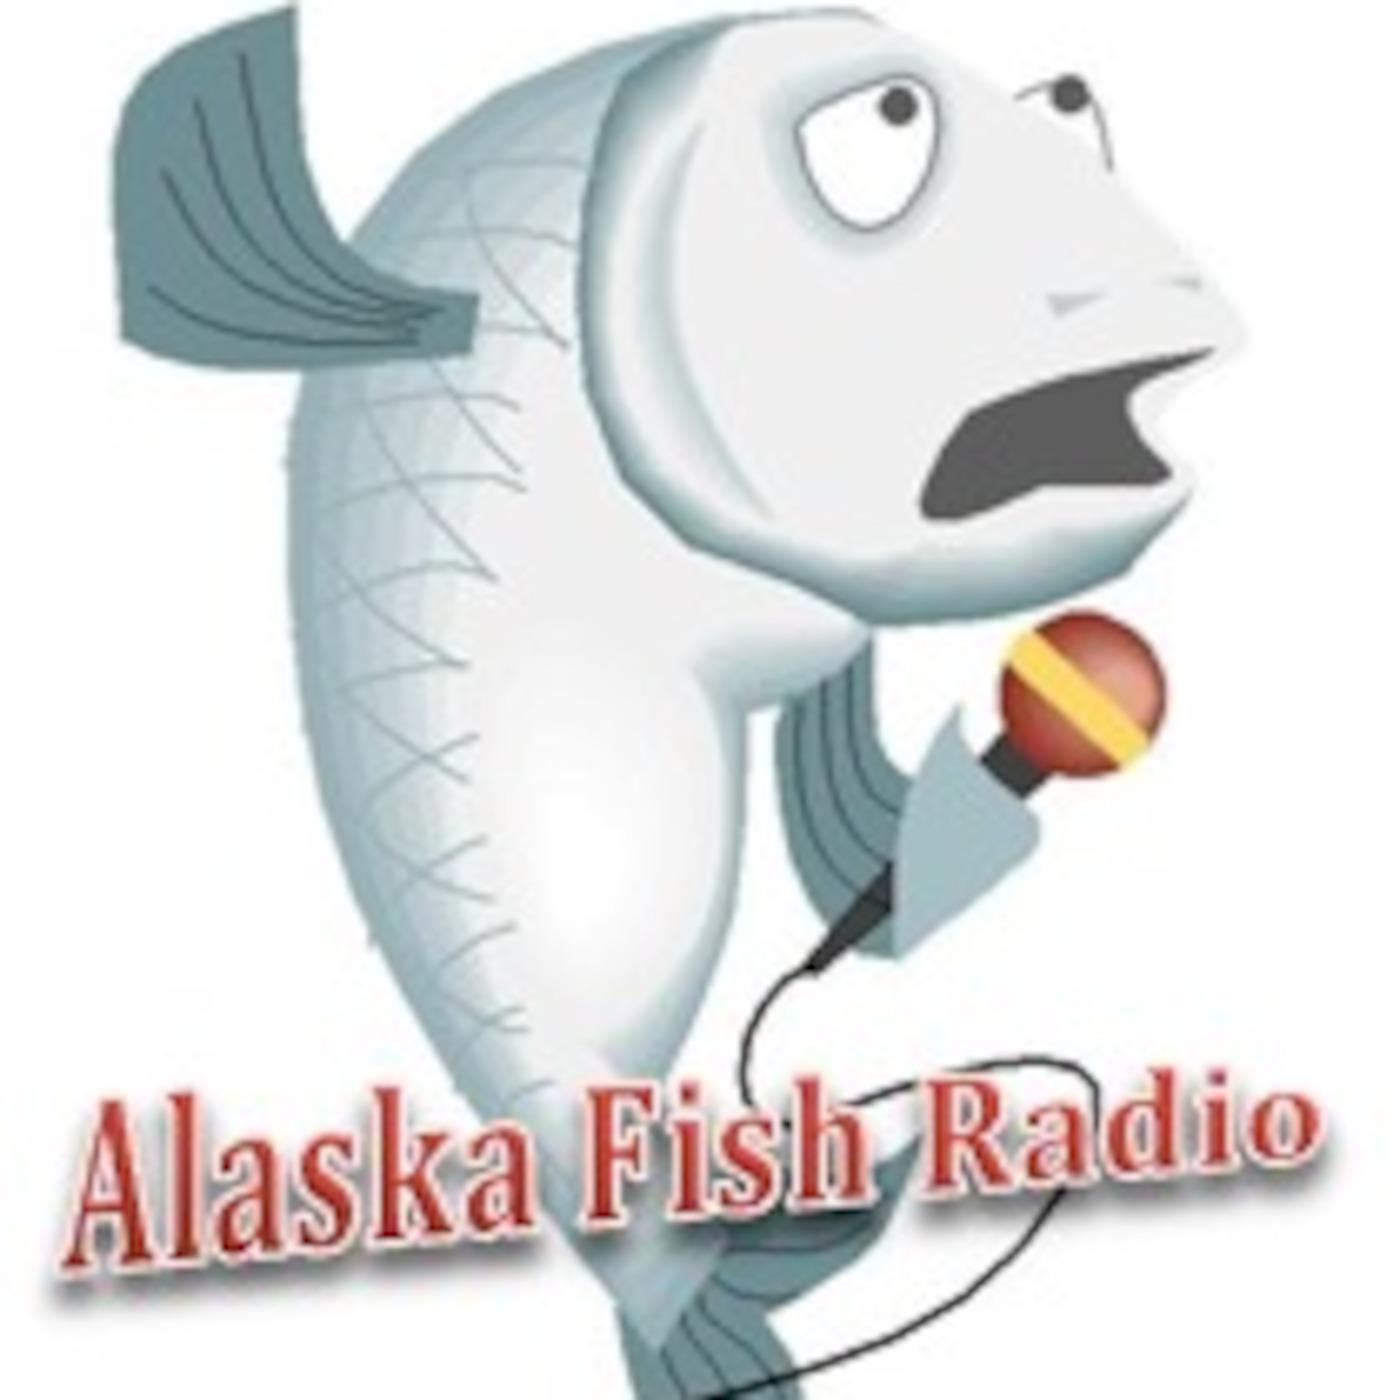 Alaska Fish Radio